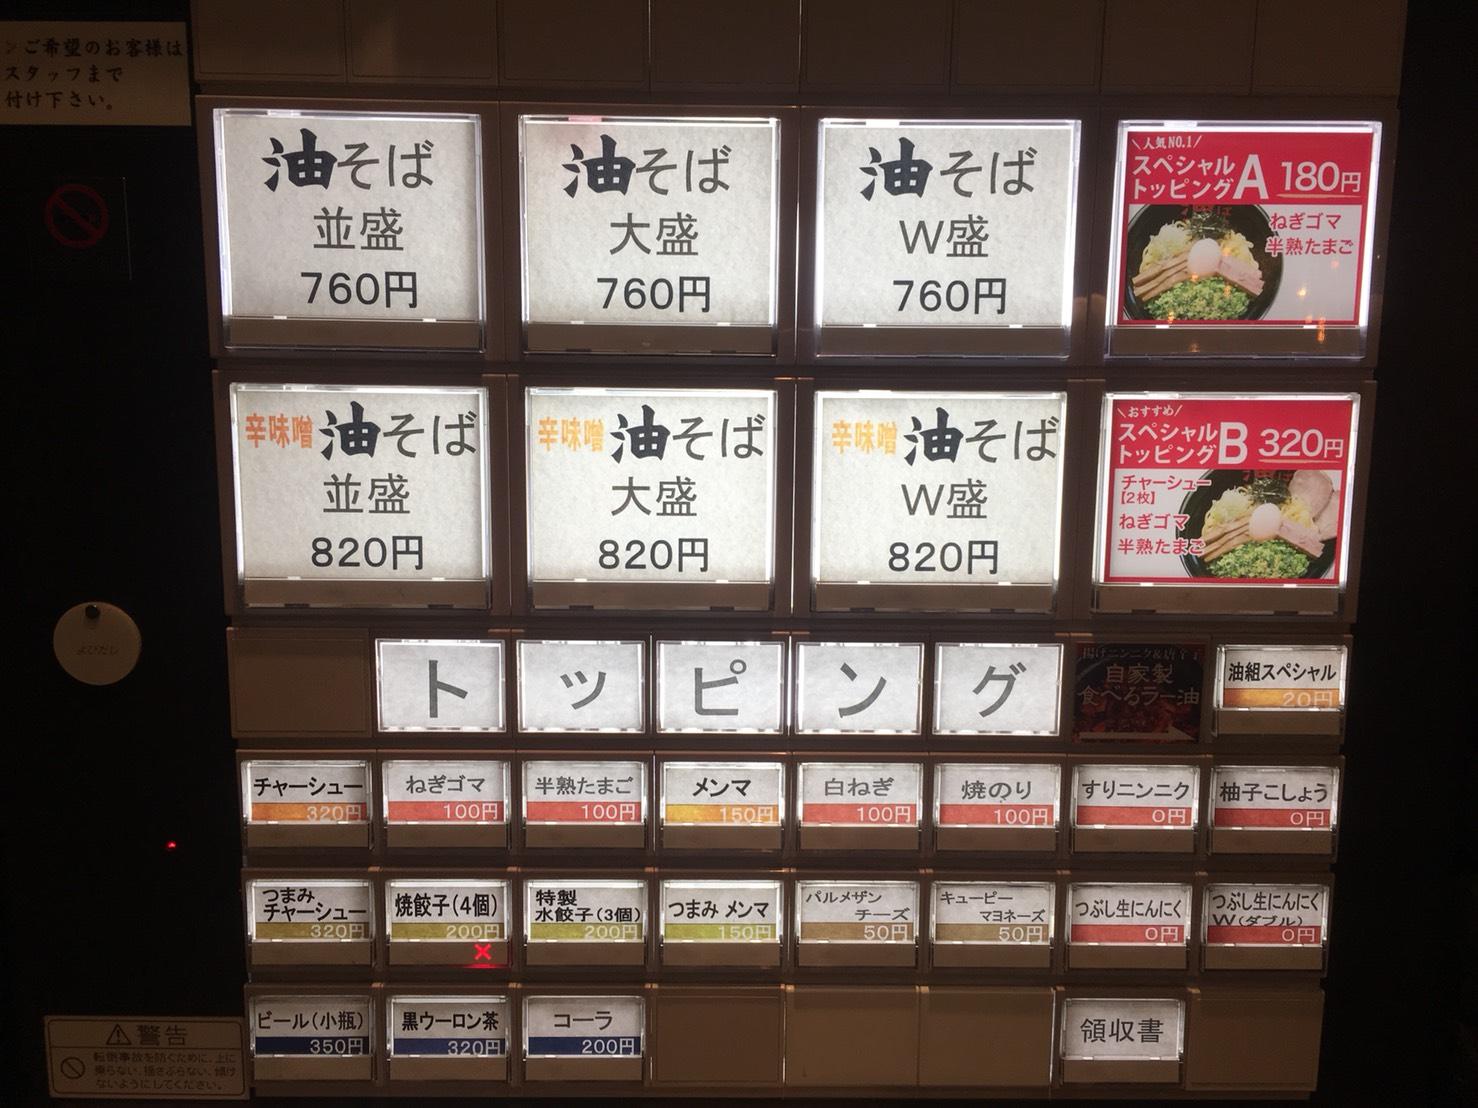 【池袋駅】自分好みの味を楽んで!実はヘルシーなやみつき油そば「東京油組総本店 池袋東組」の食券機